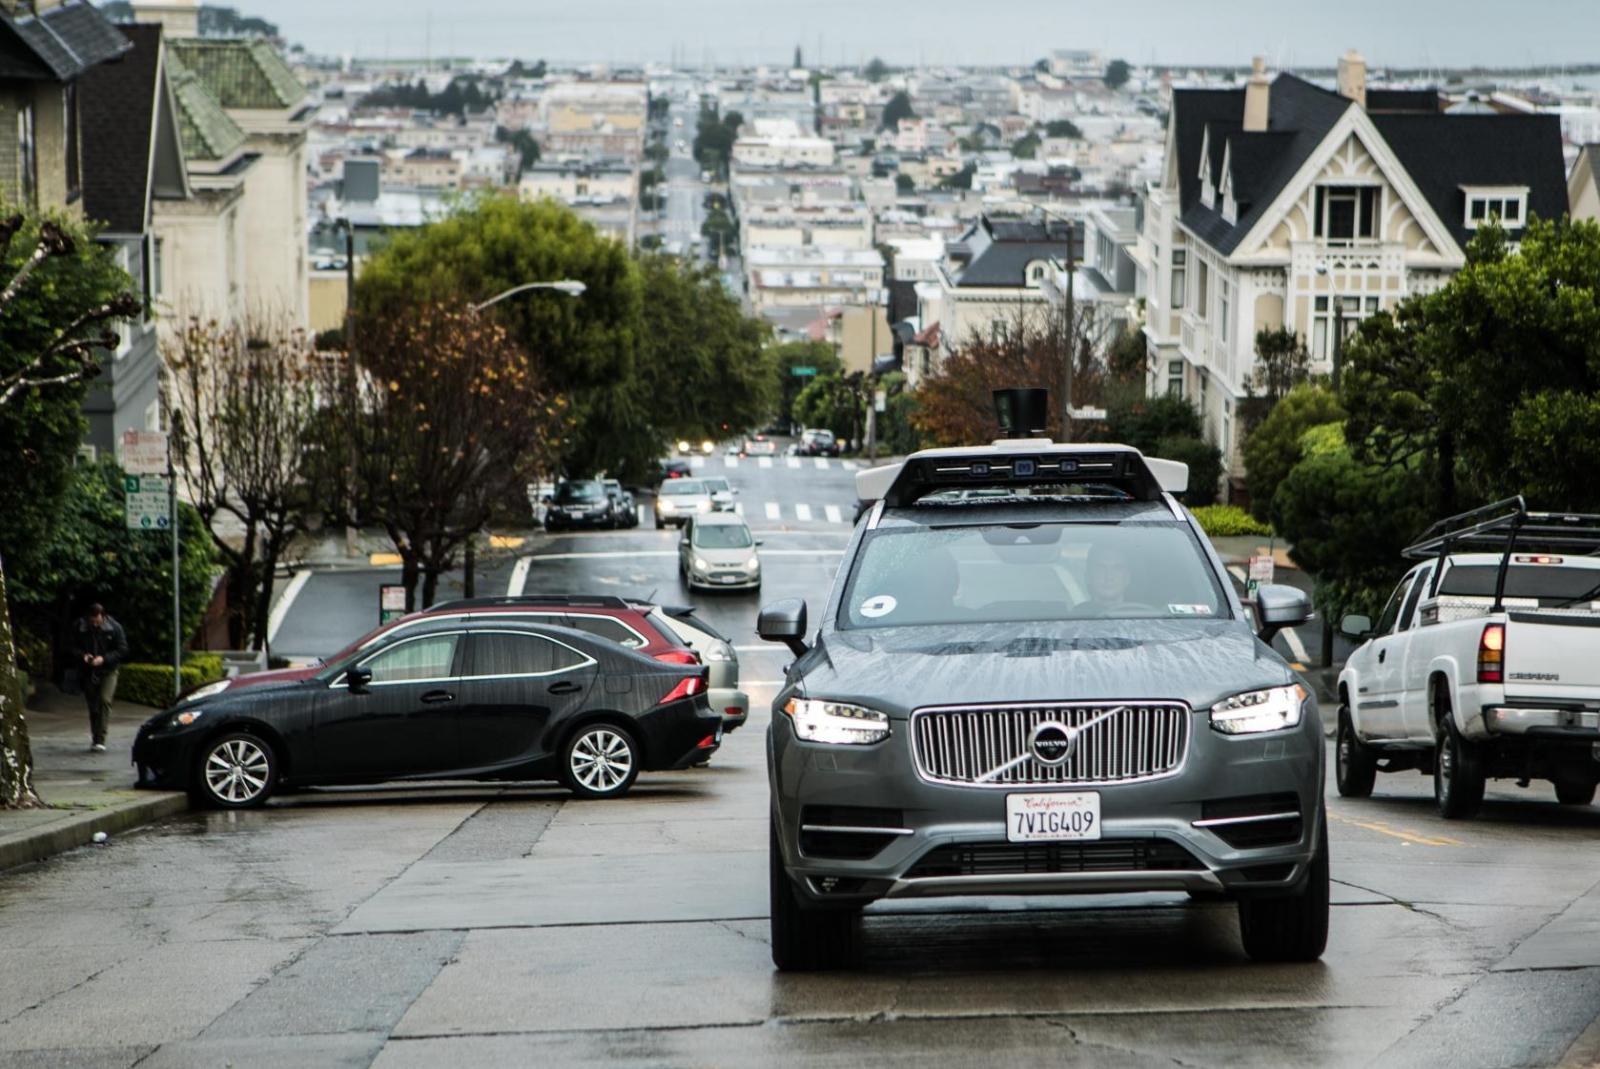 autonomous Uber